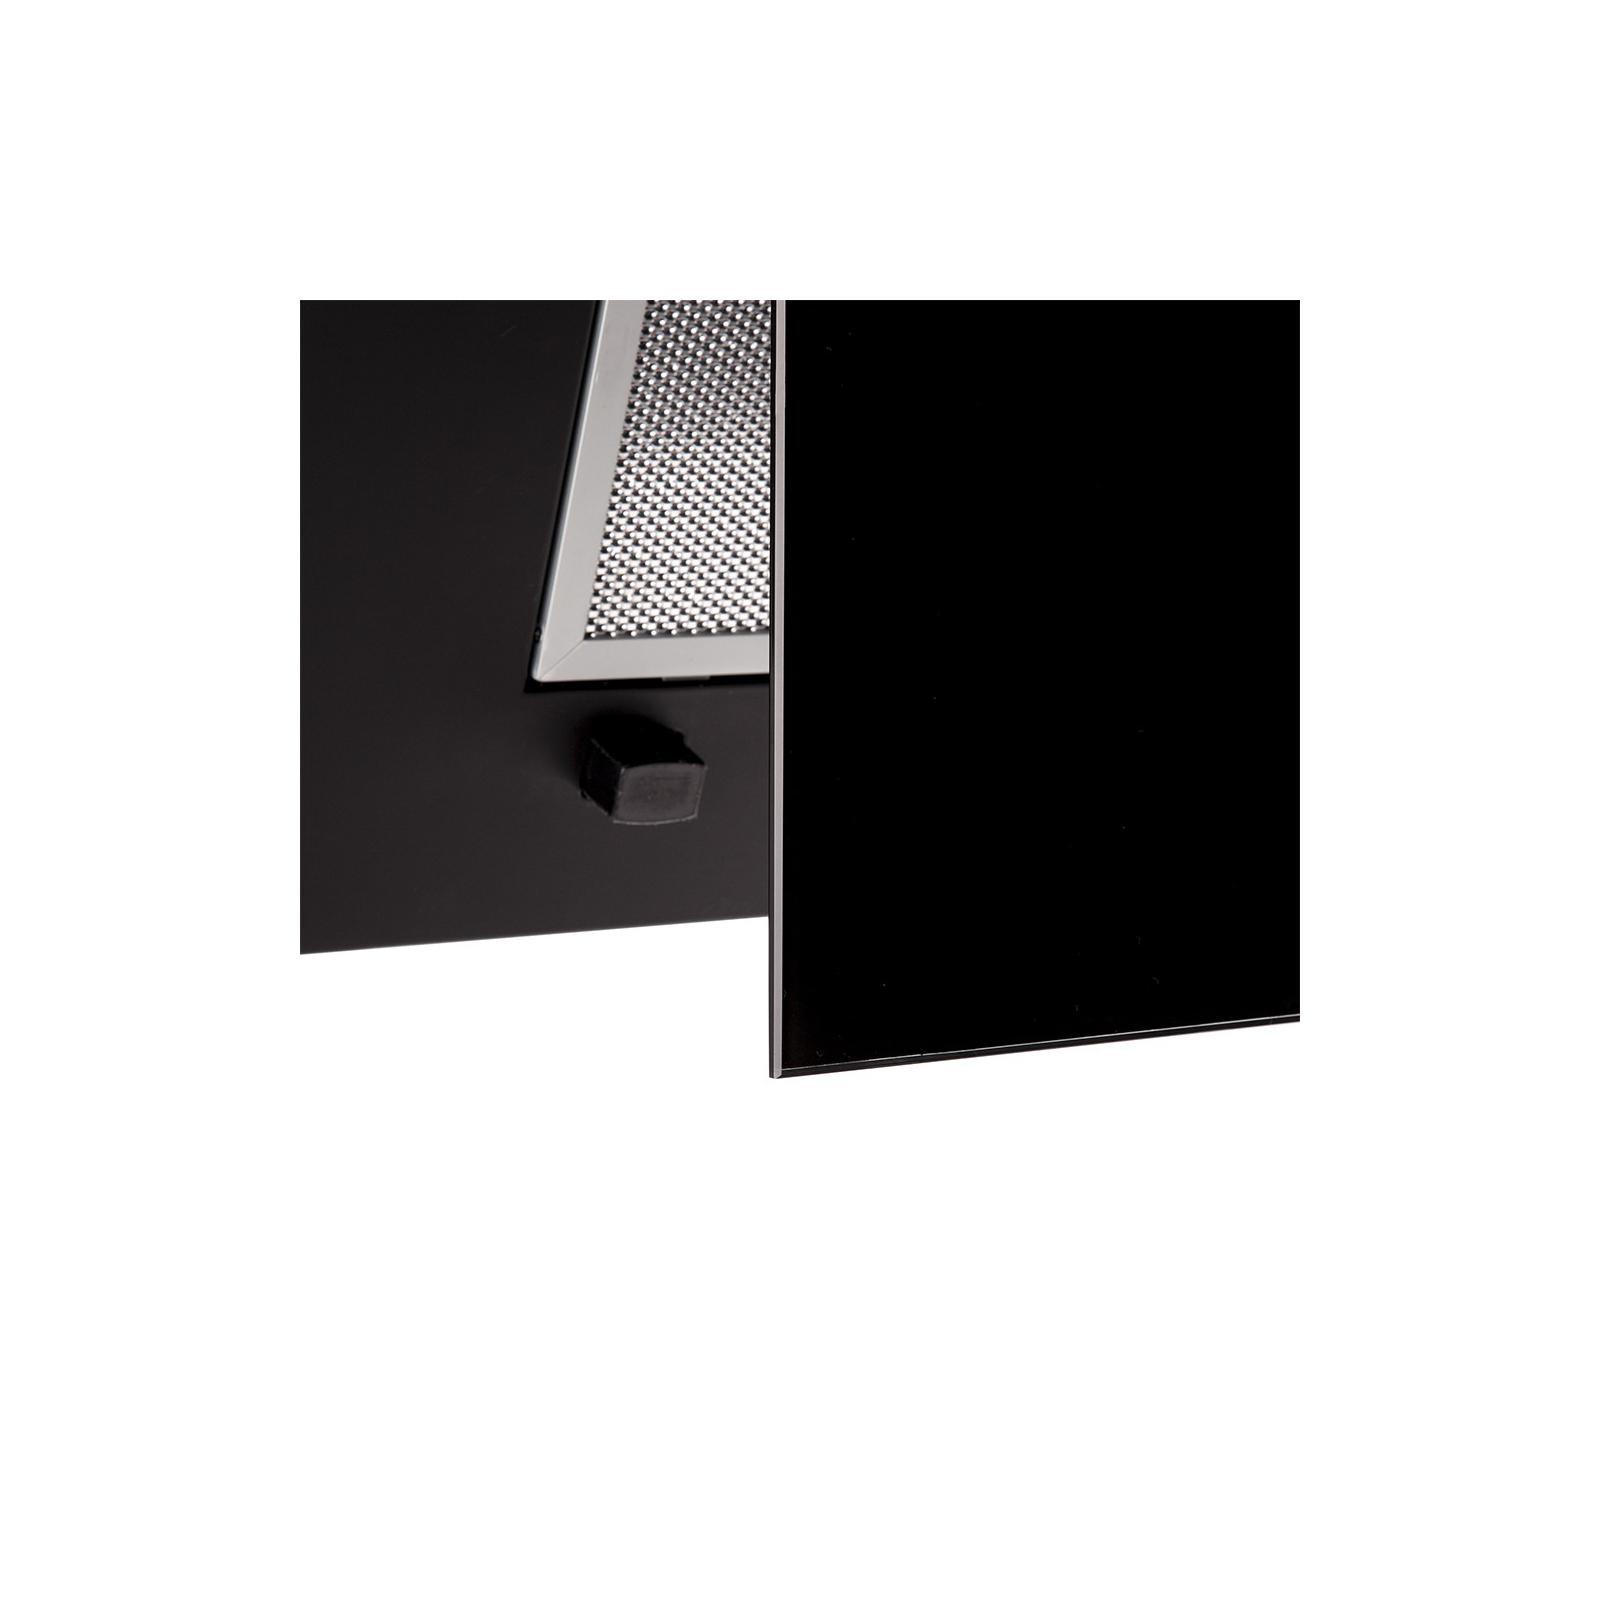 Вытяжка кухонная PYRAMIDA NR-MV 60 M WH изображение 4